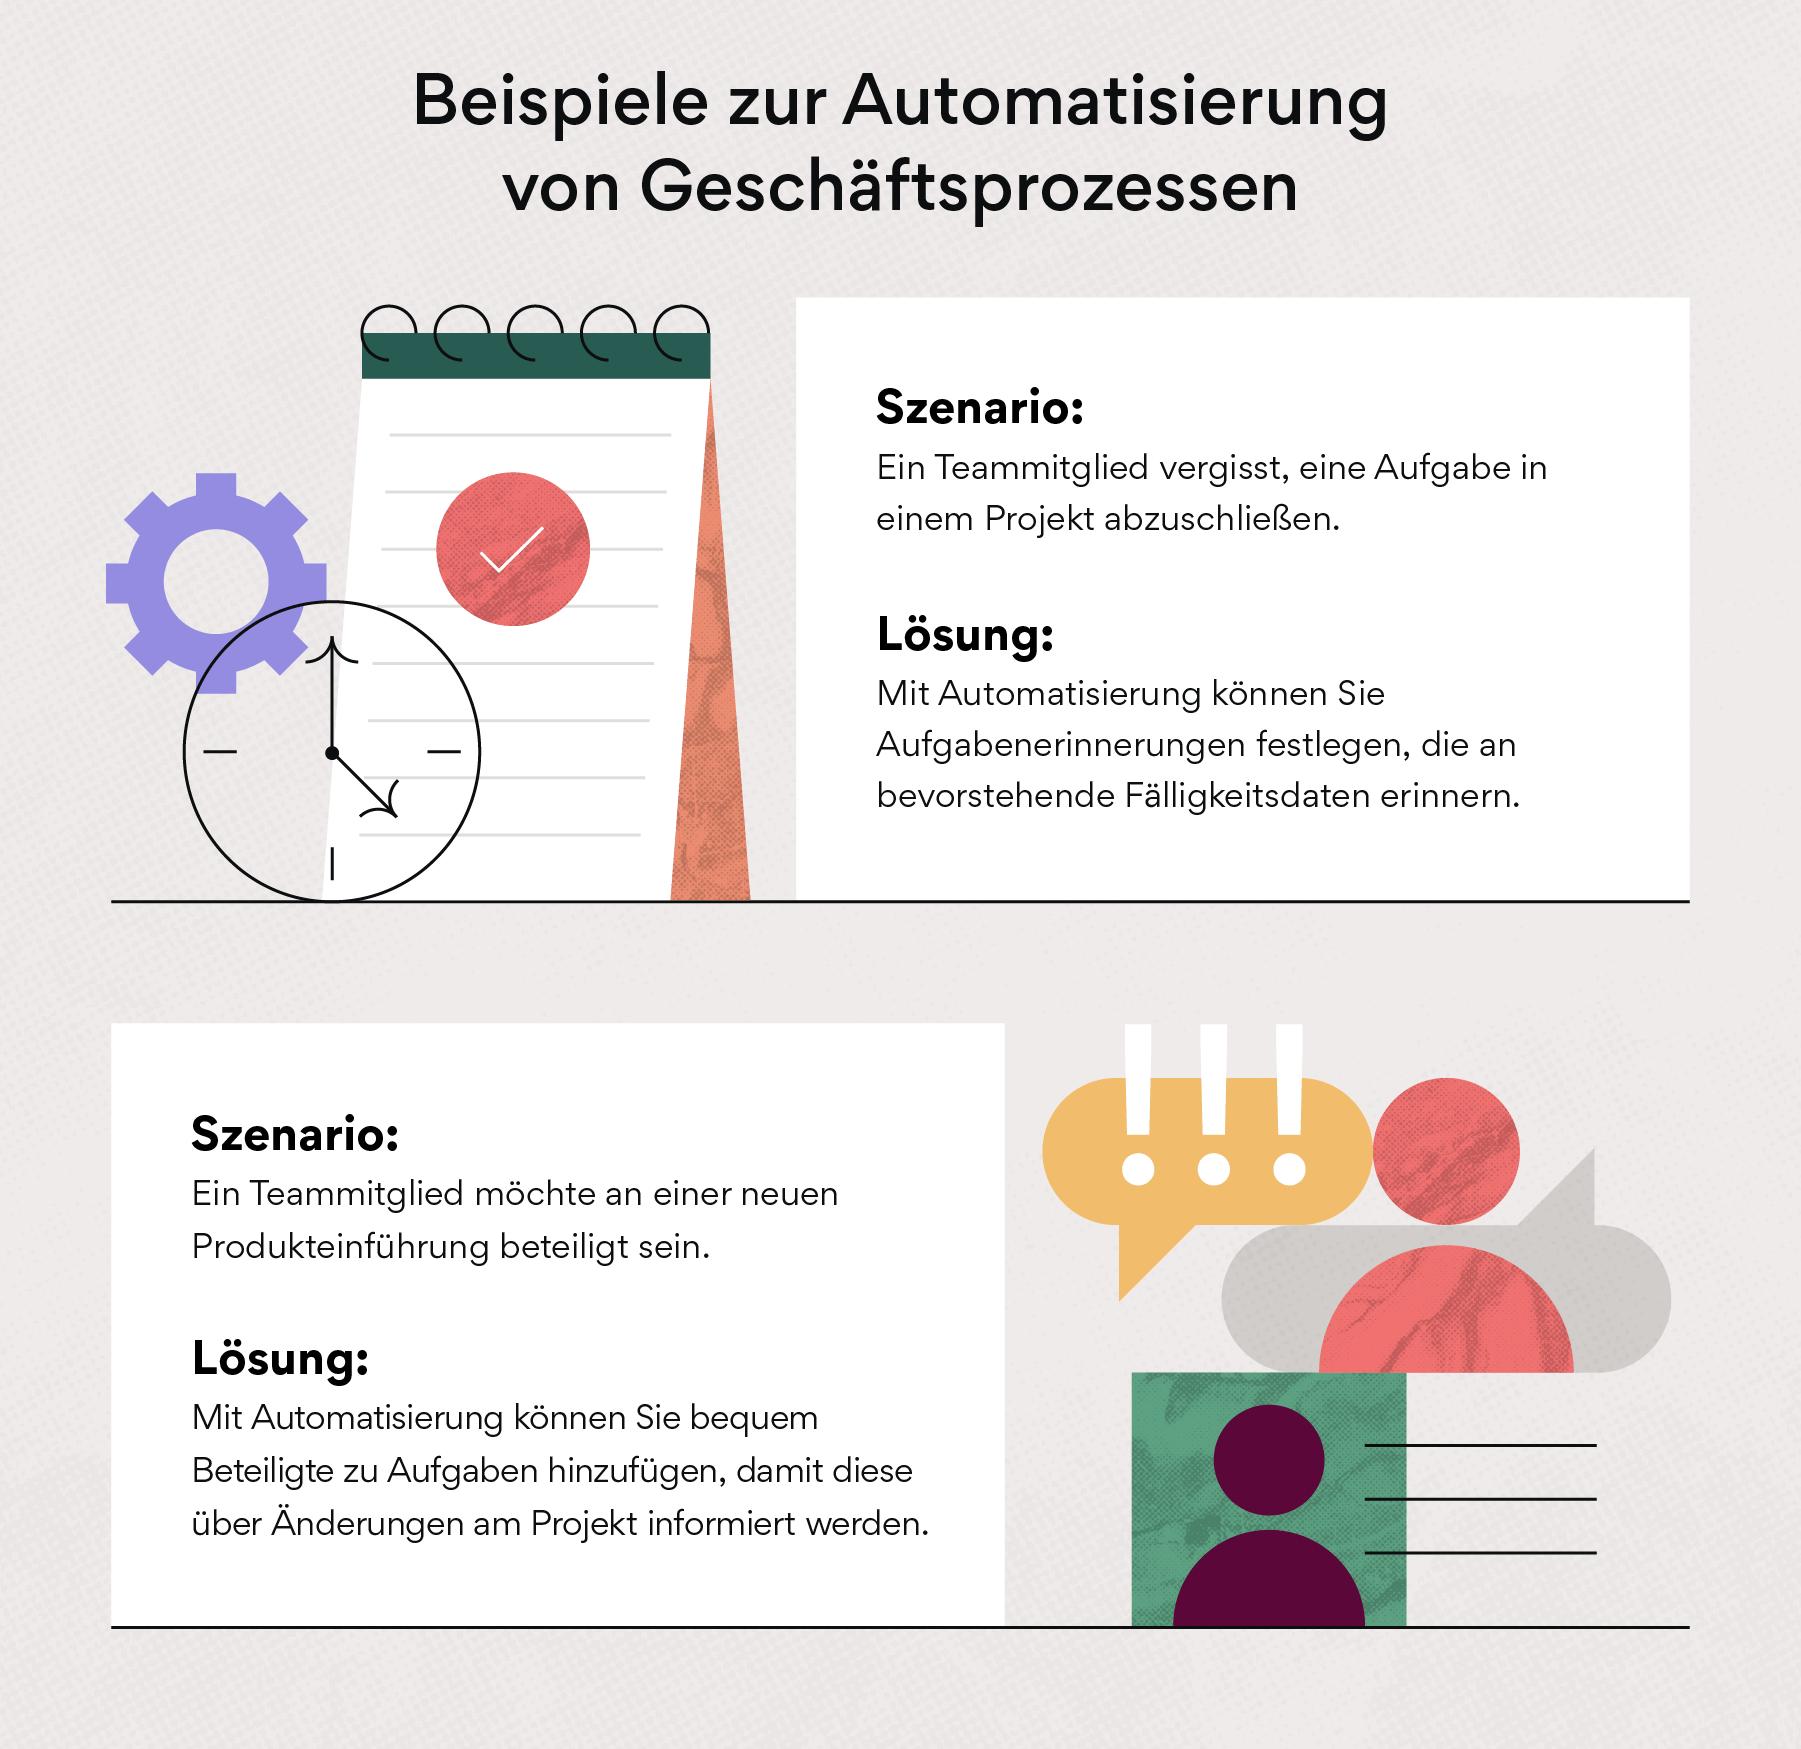 Beispiele zur Automatisierung von Geschäftsprozessen